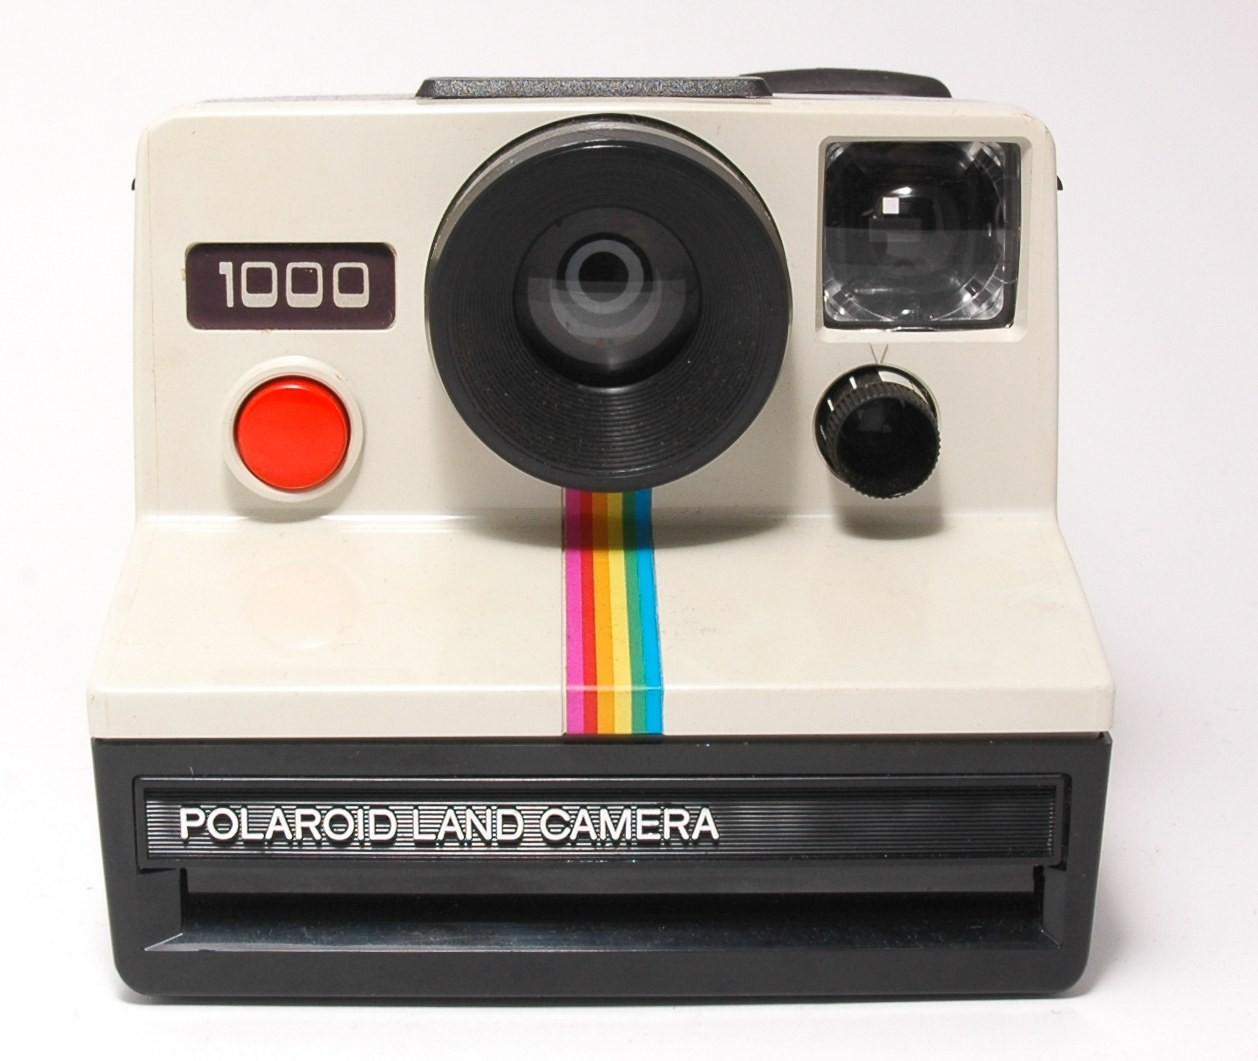 appareil photo polaroid vintage